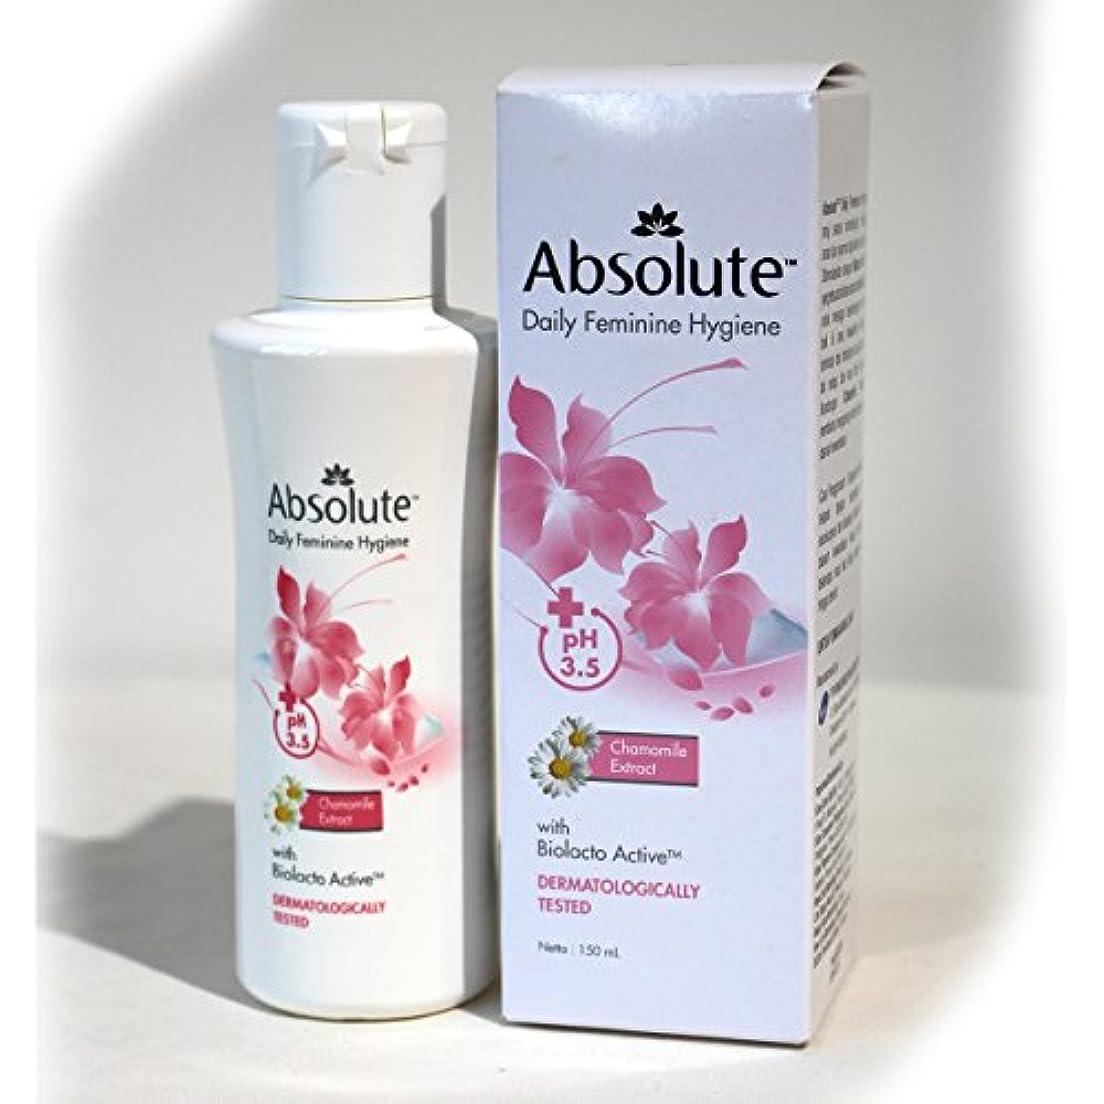 不承認突然の感染するAbsolute(アブソリュート)女性用液体ソープ 150ml [並行輸入品][海外直送品]